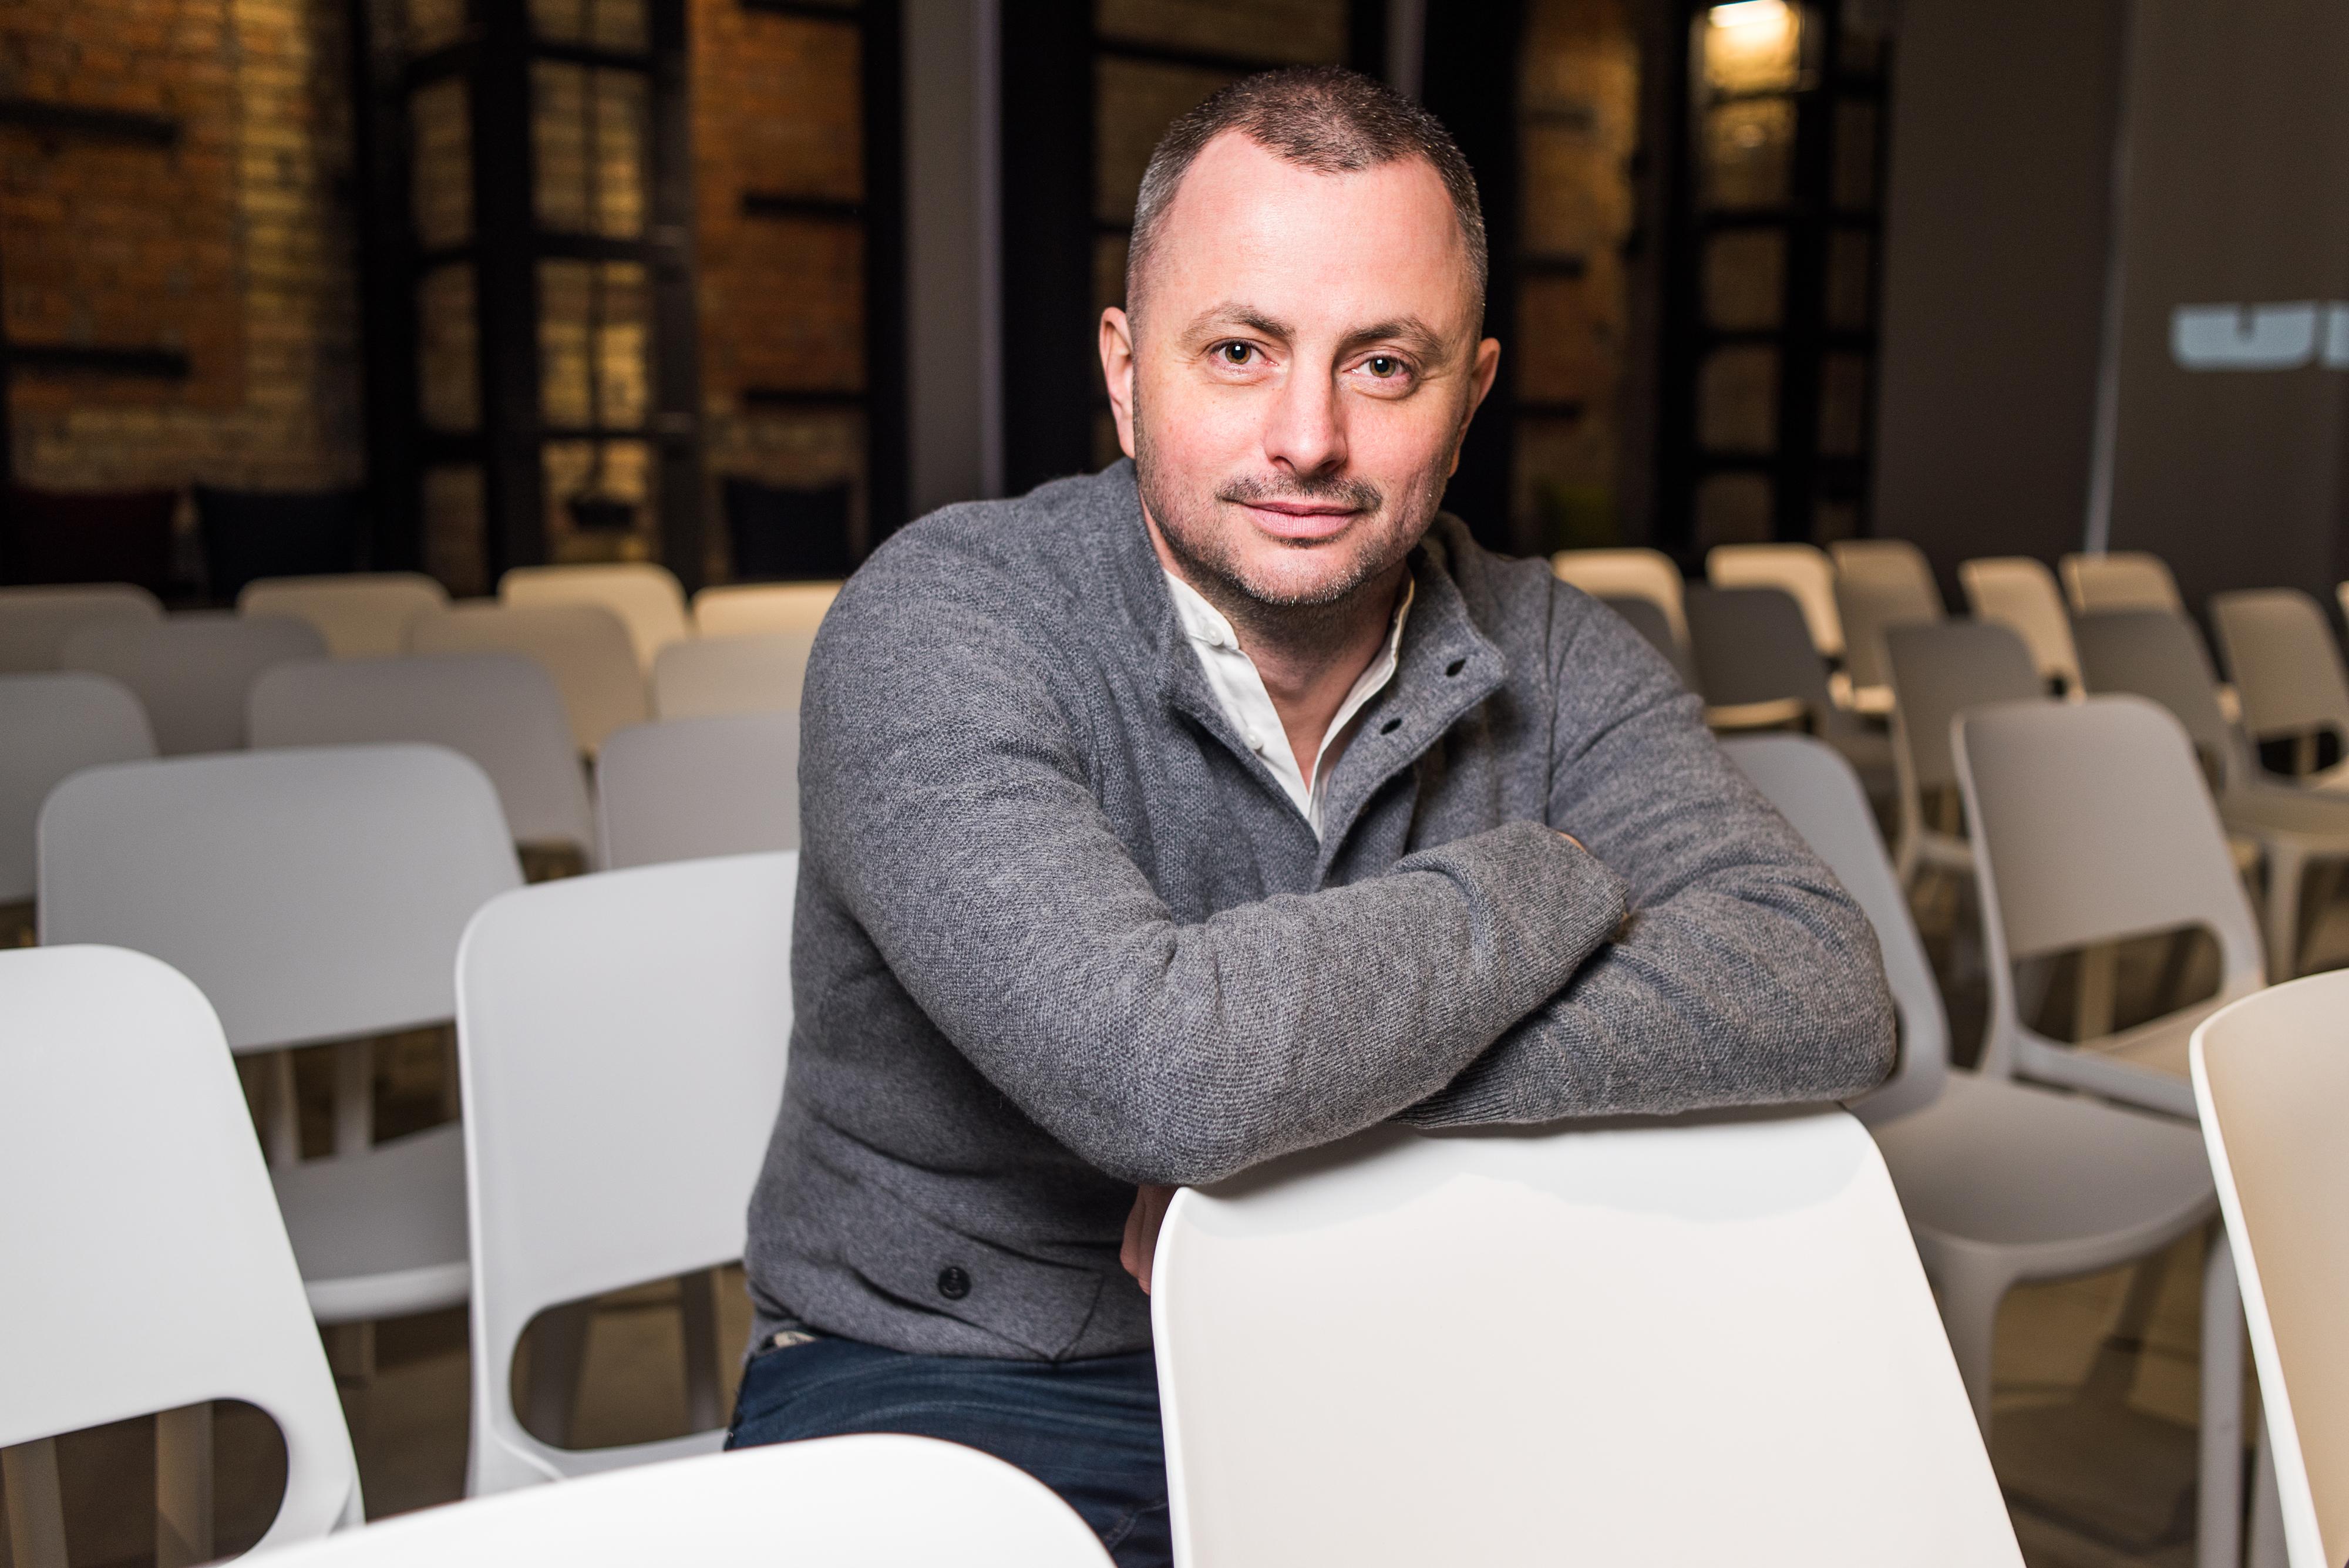 КУРС ЛЕДОКОЛА: Максим Бахматов из UNIT.City о том, как позволять себе ничего не делать, чтобы сделать больше